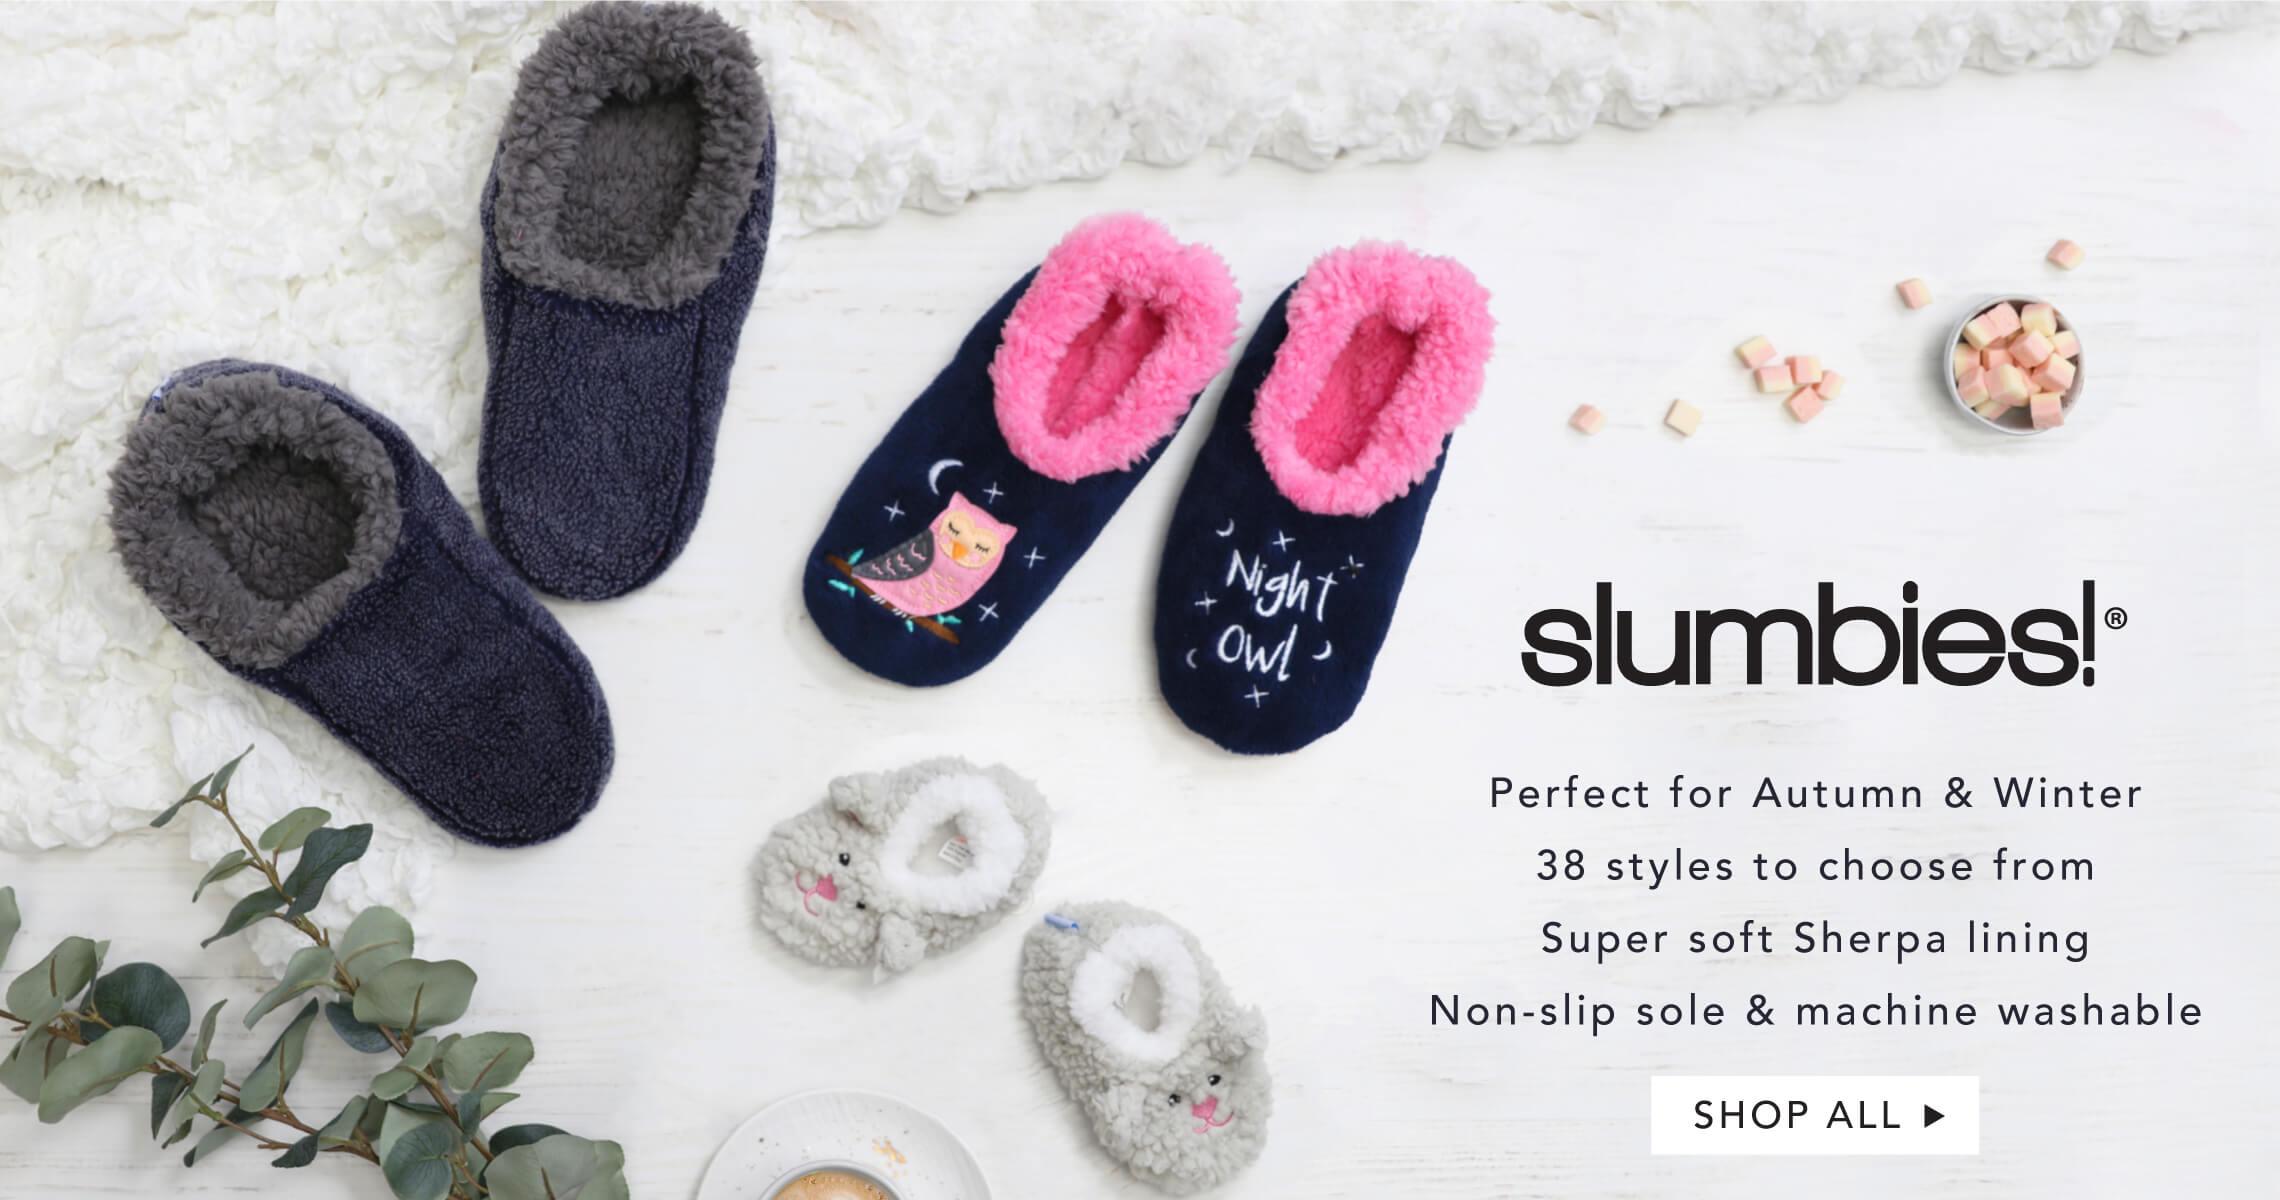 Shop Slumbies!